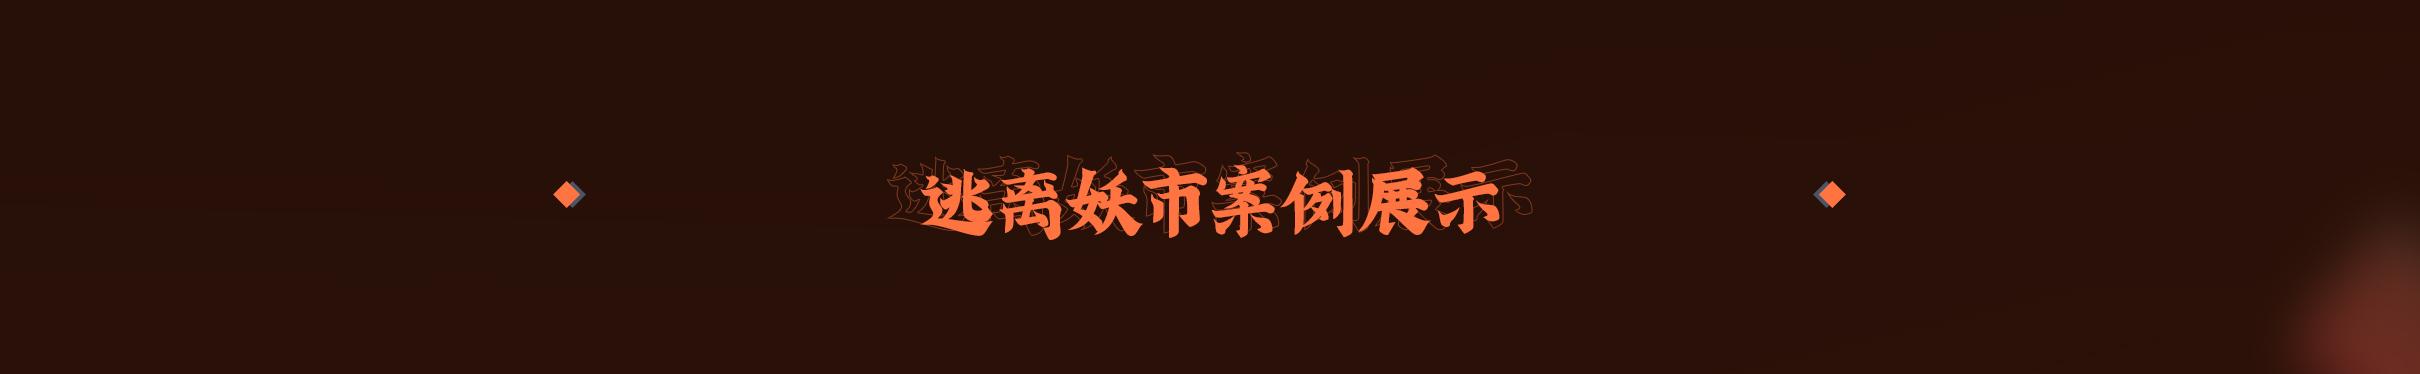 详情2_01.jpg